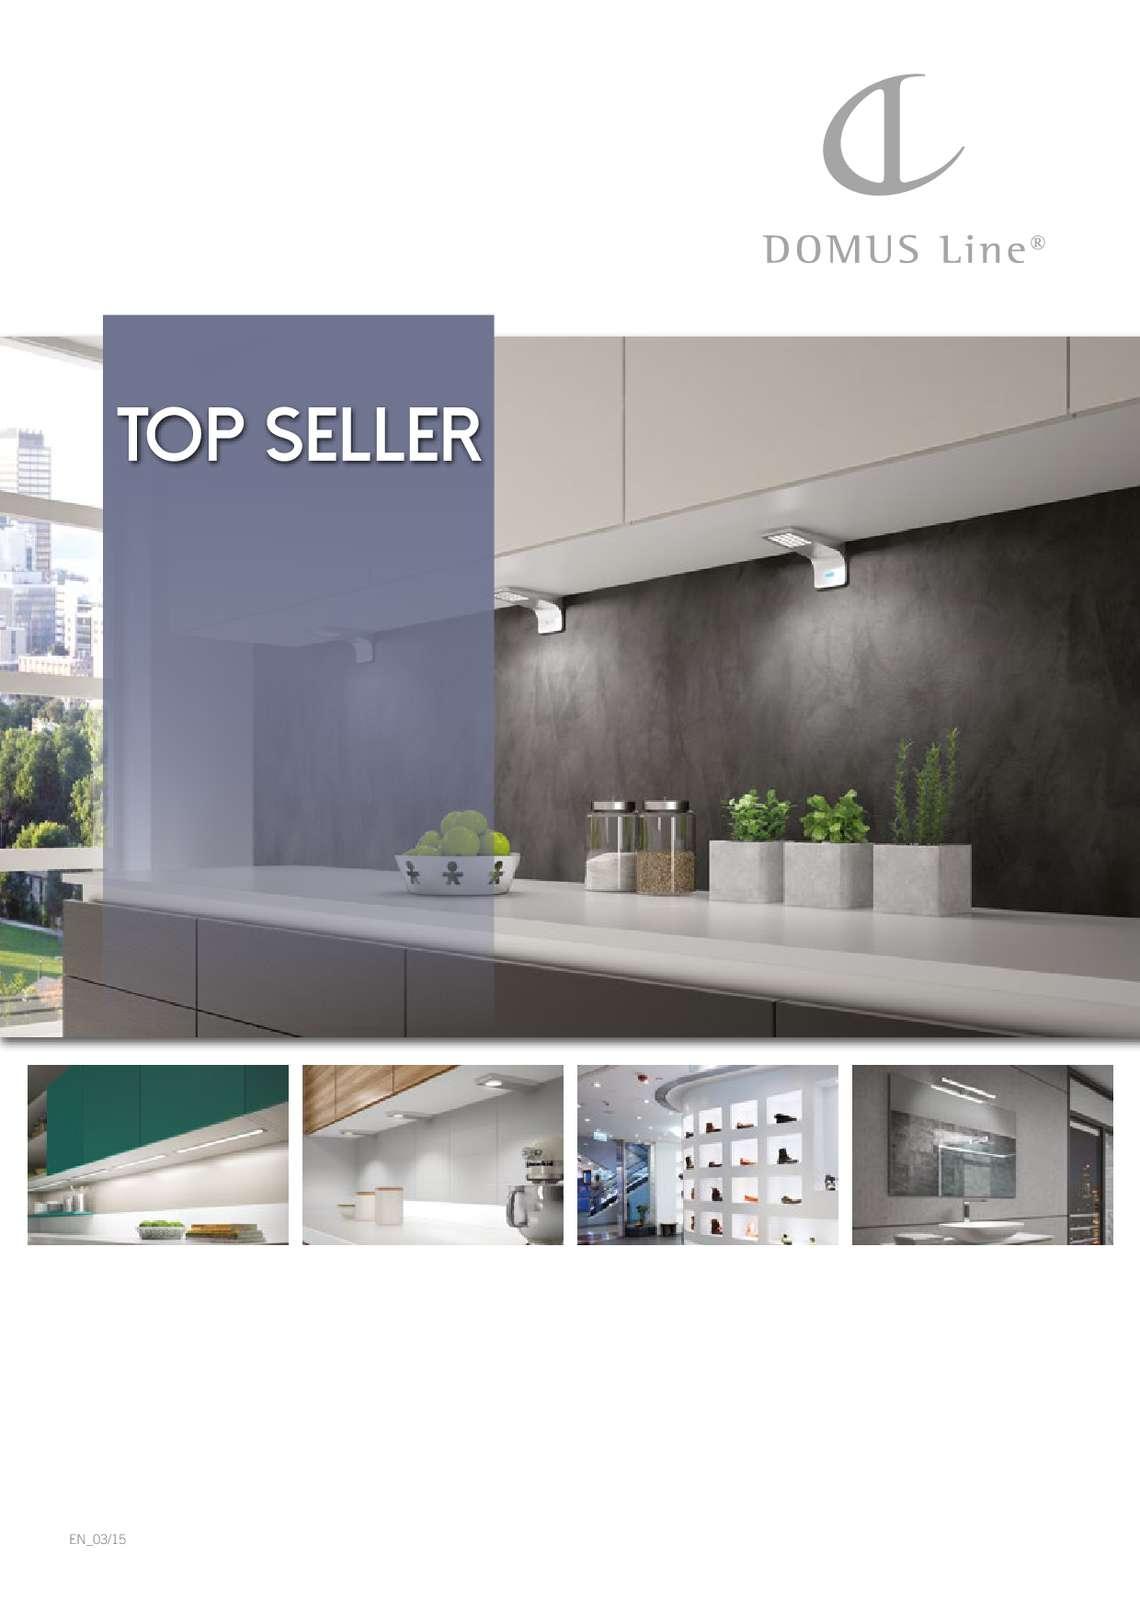 domus-line-top-seller_27_000.jpg